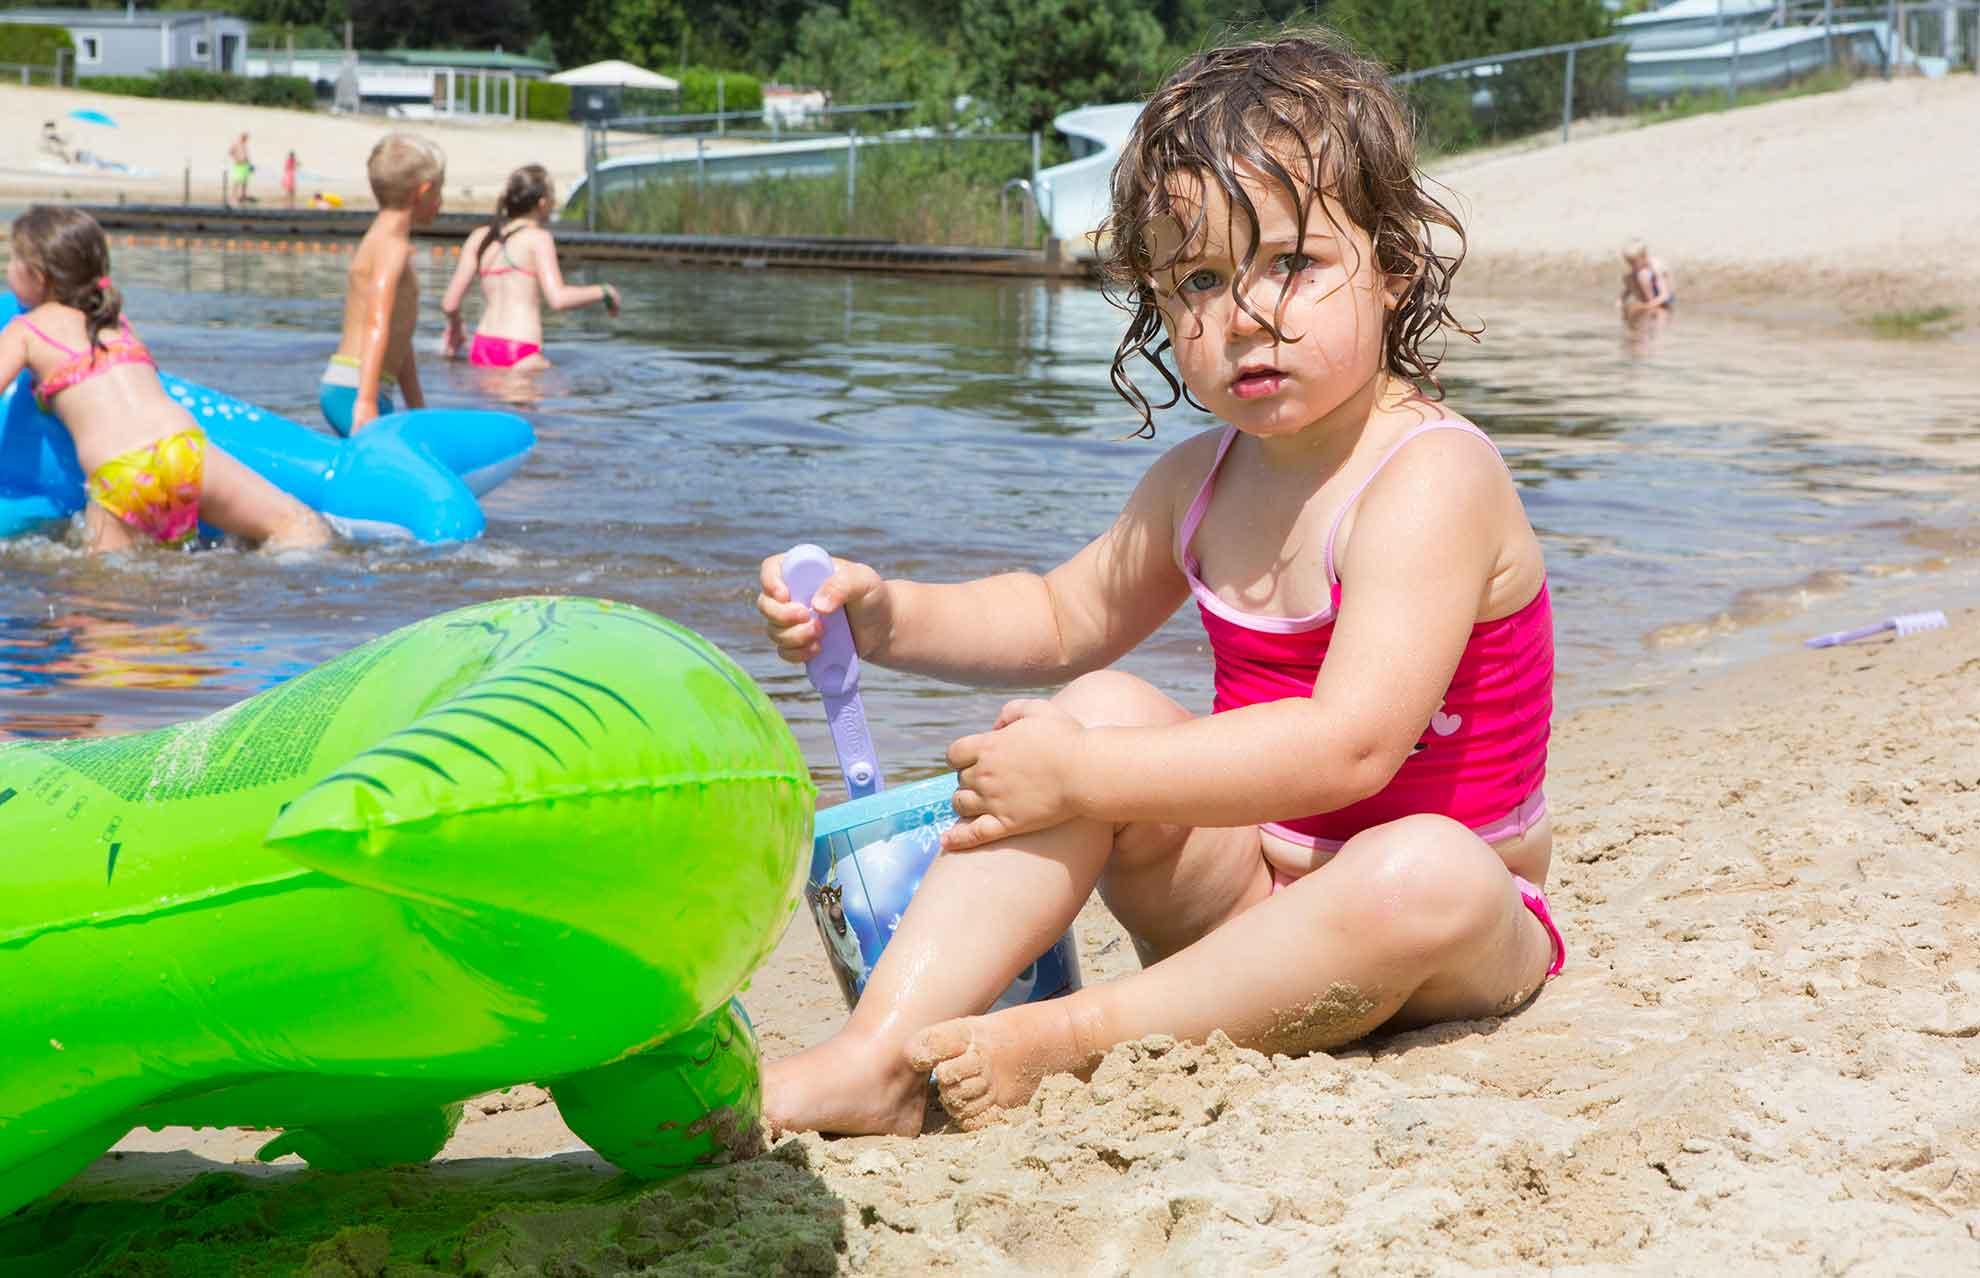 Sommerurlaub in den Niederlanden - Sommerurlaub in den Niederlanden